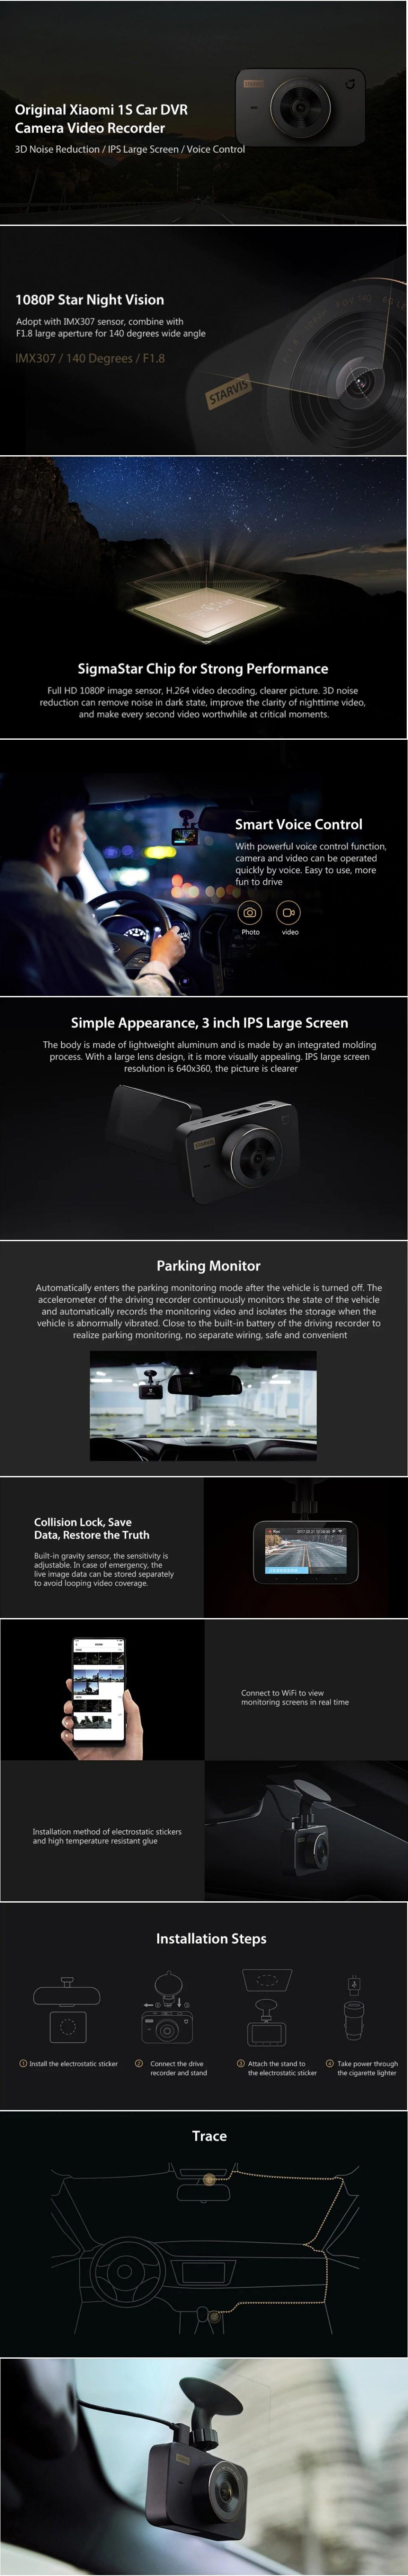 Prezentare-Xiaomi-Dash-Cam-1s-final80dcedb58972d1bc.jpg